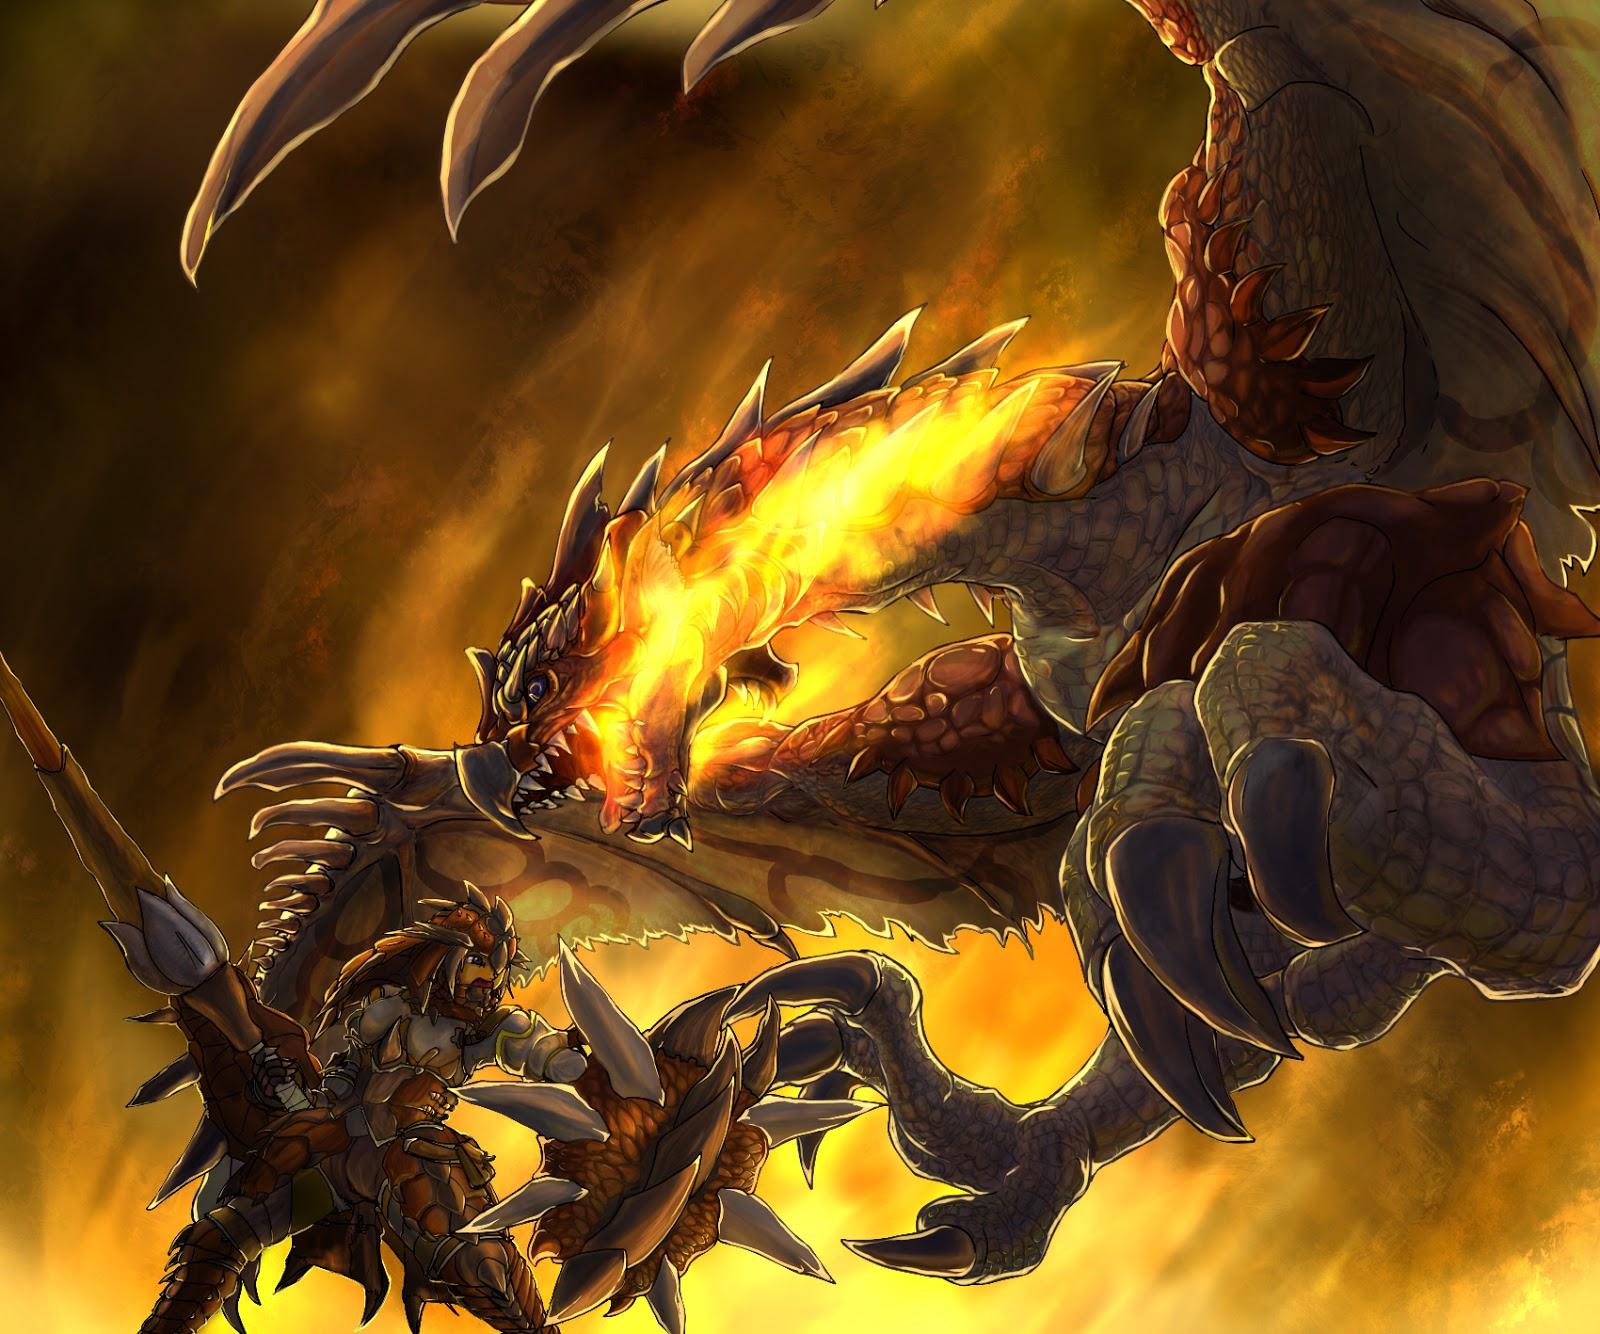 Desktop backgrounds 4u fantasy dragons - Fantasy desktop pictures ...